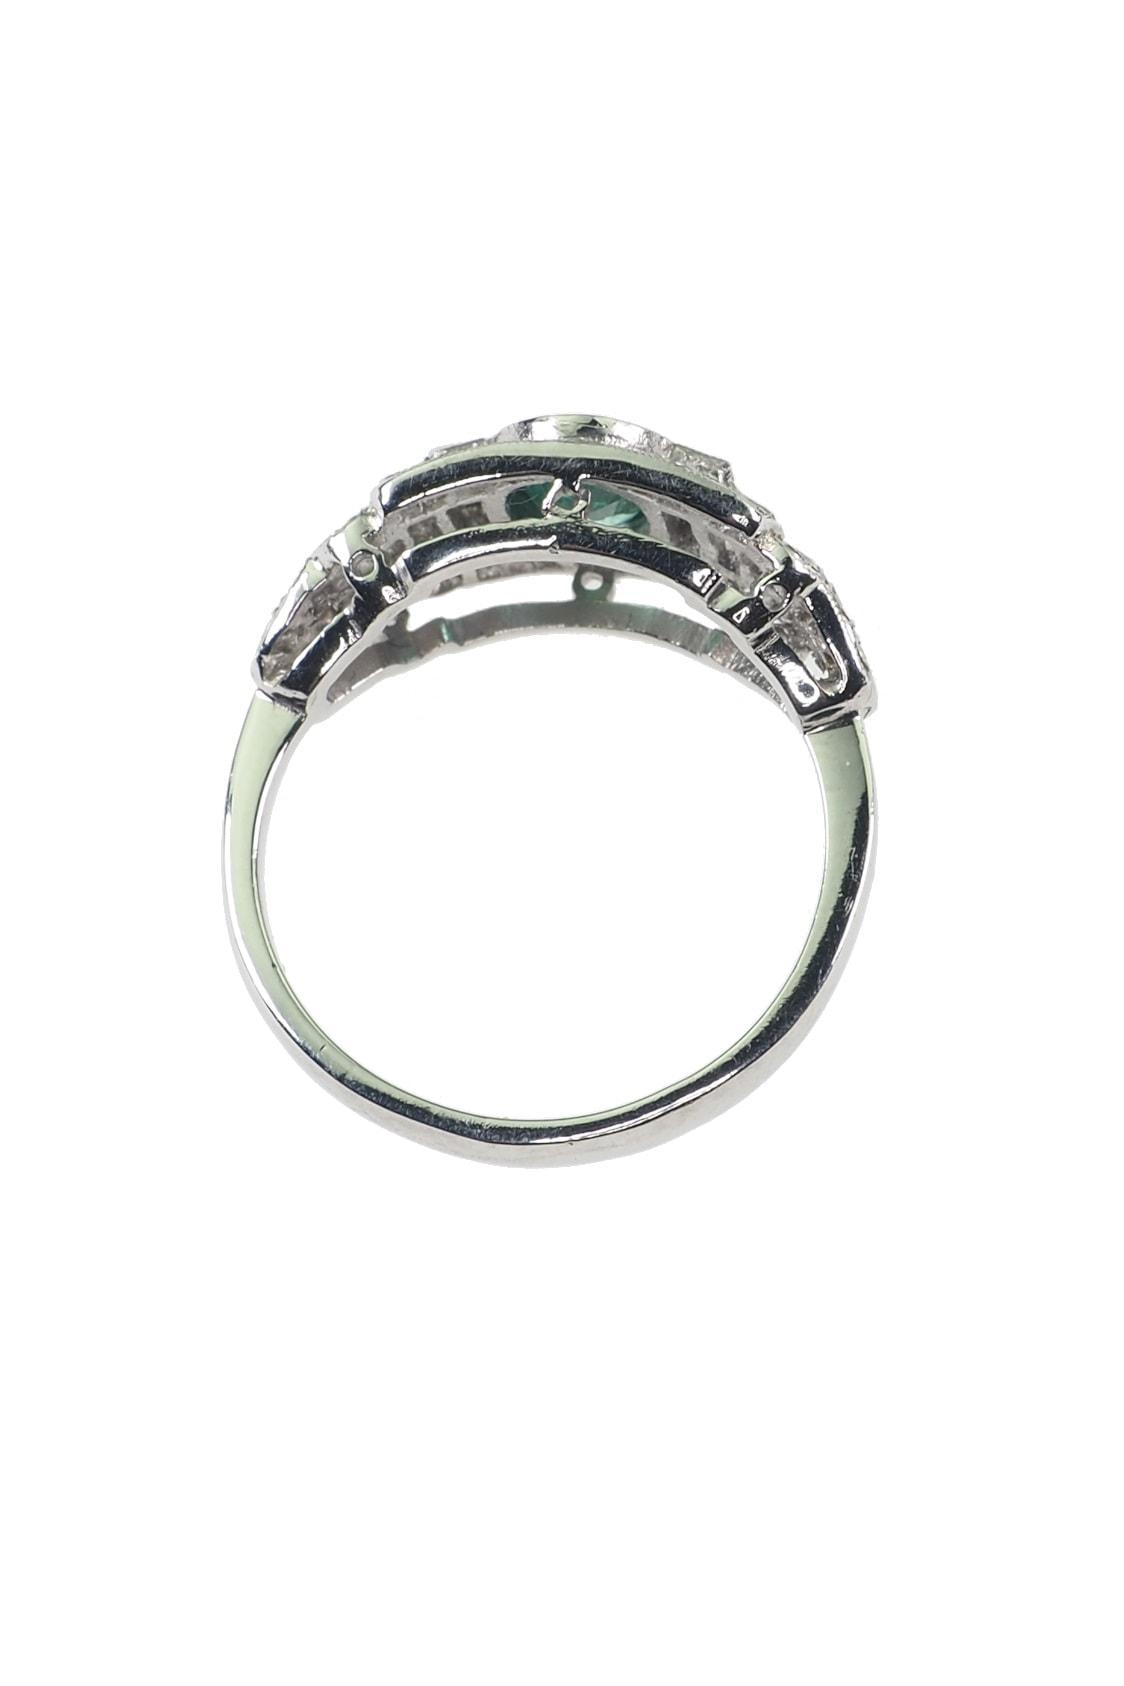 antike-Verlobungsringe-kaufen-2705c